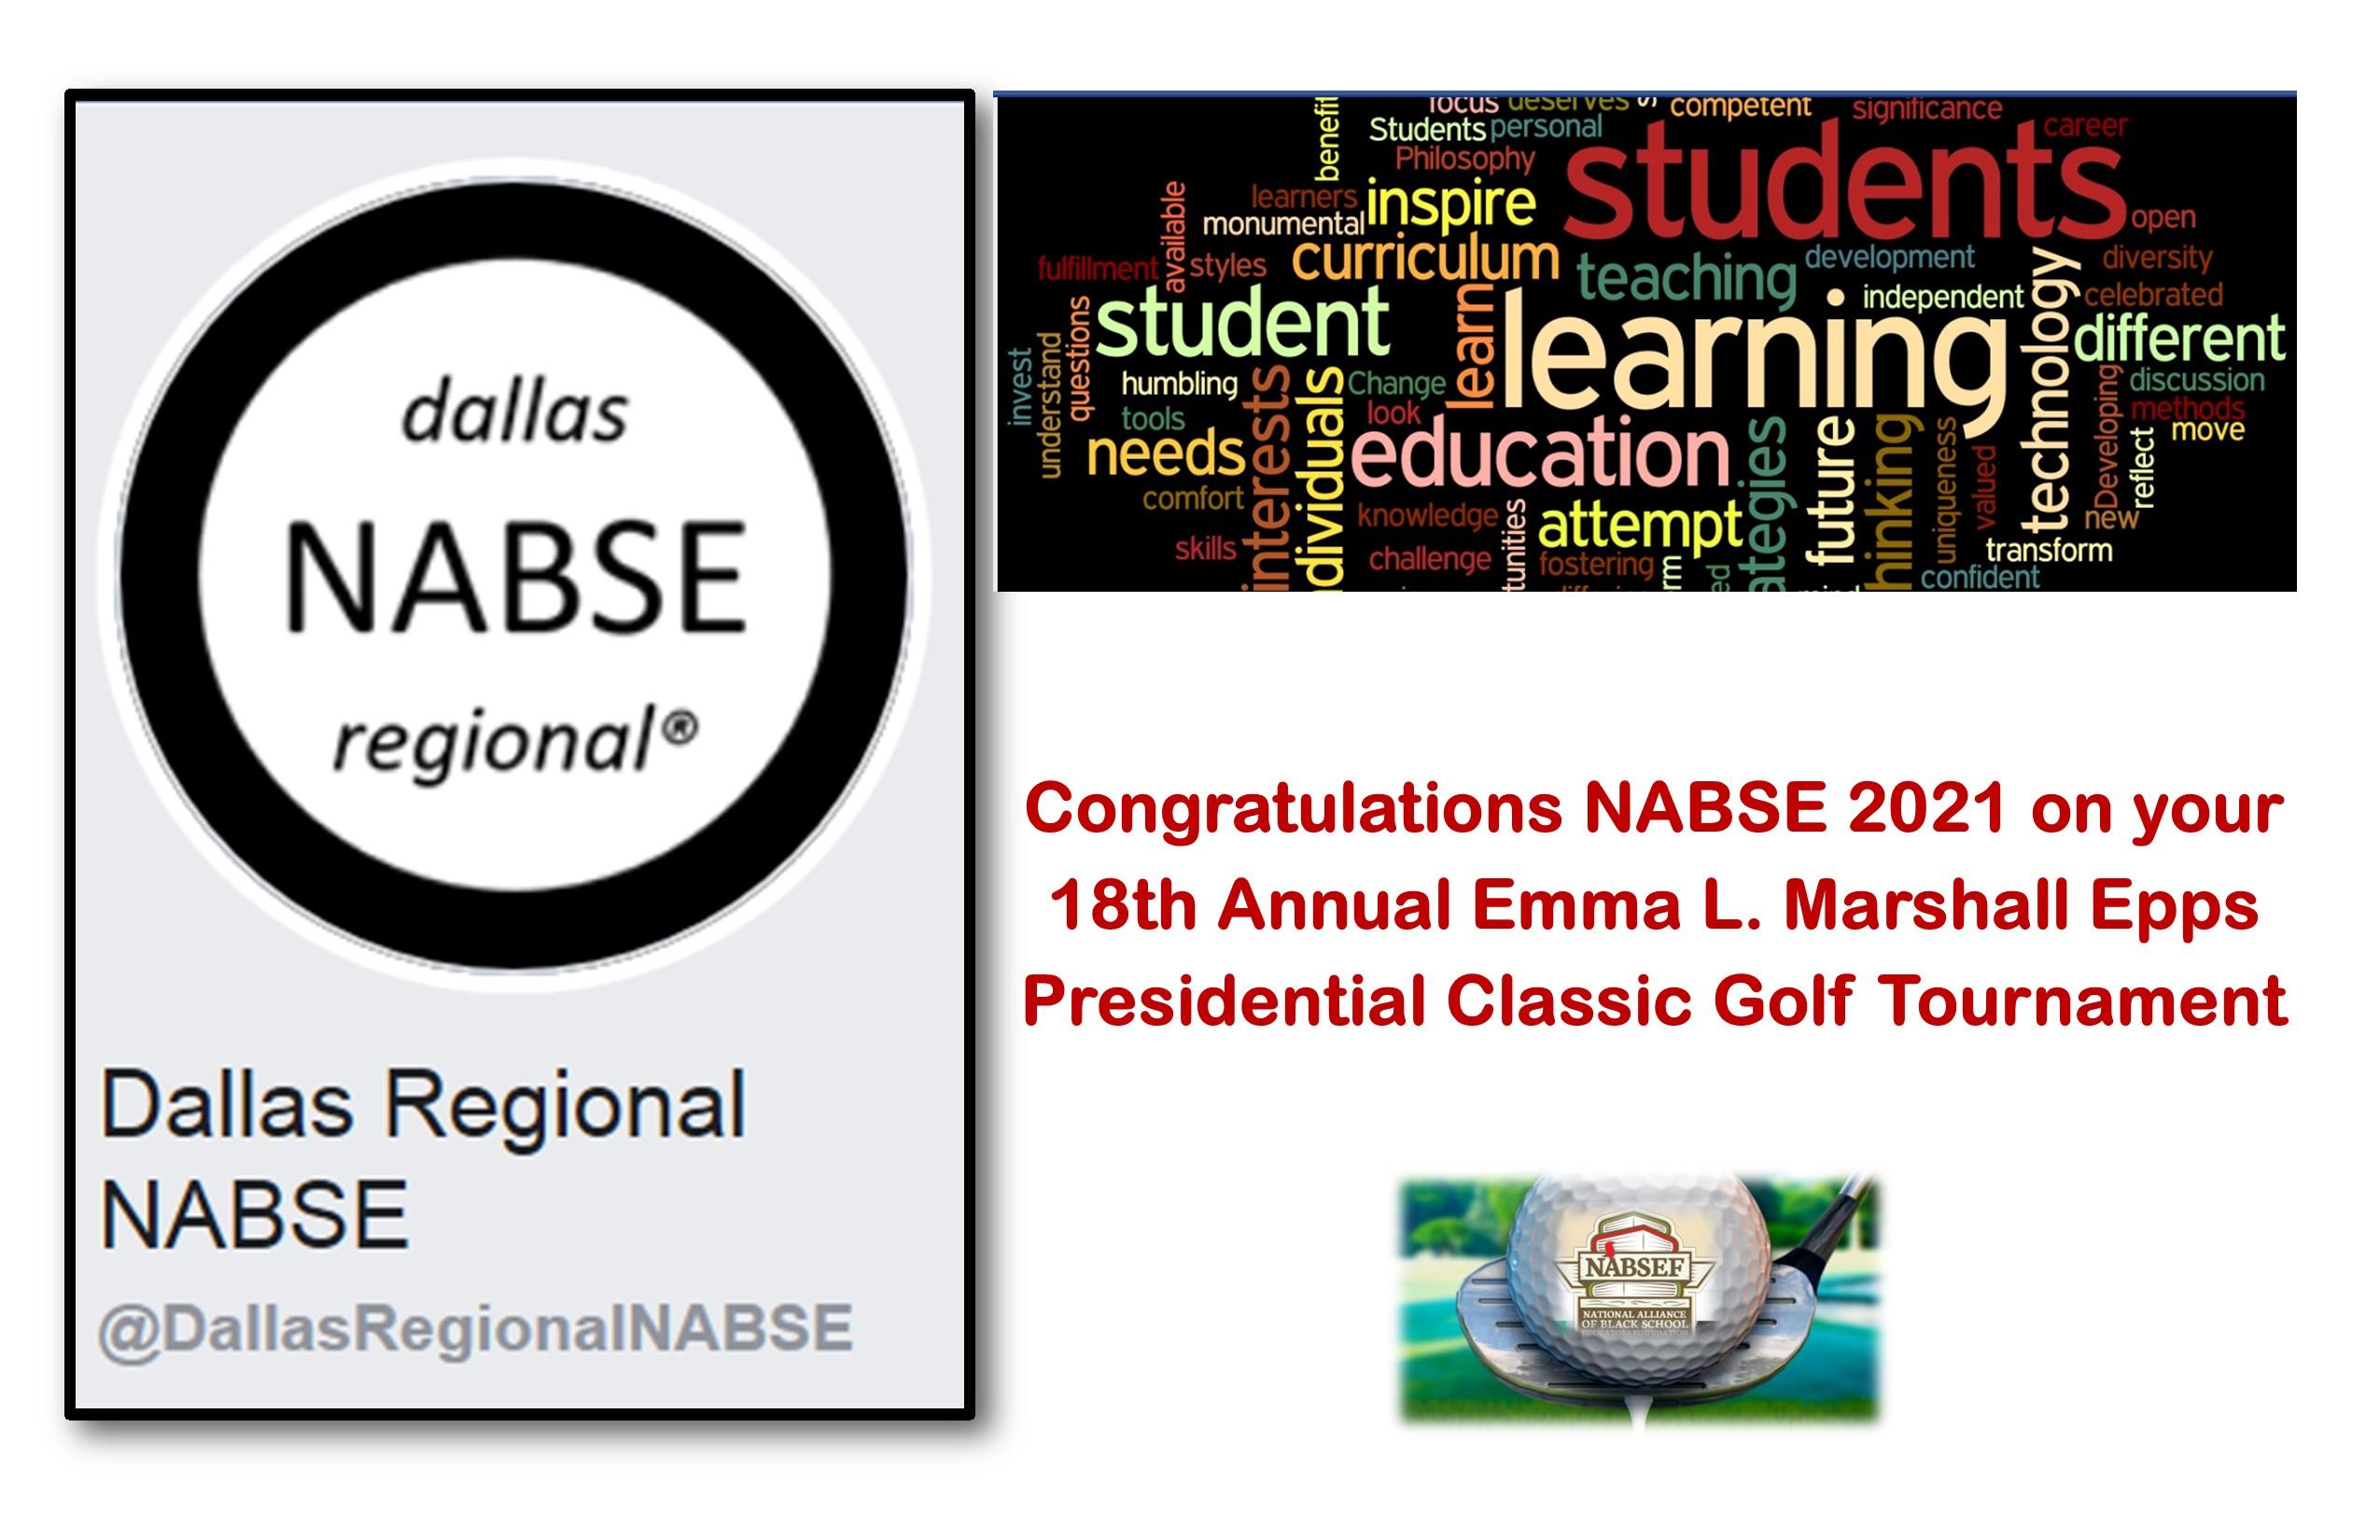 Dallas Regional NABSE